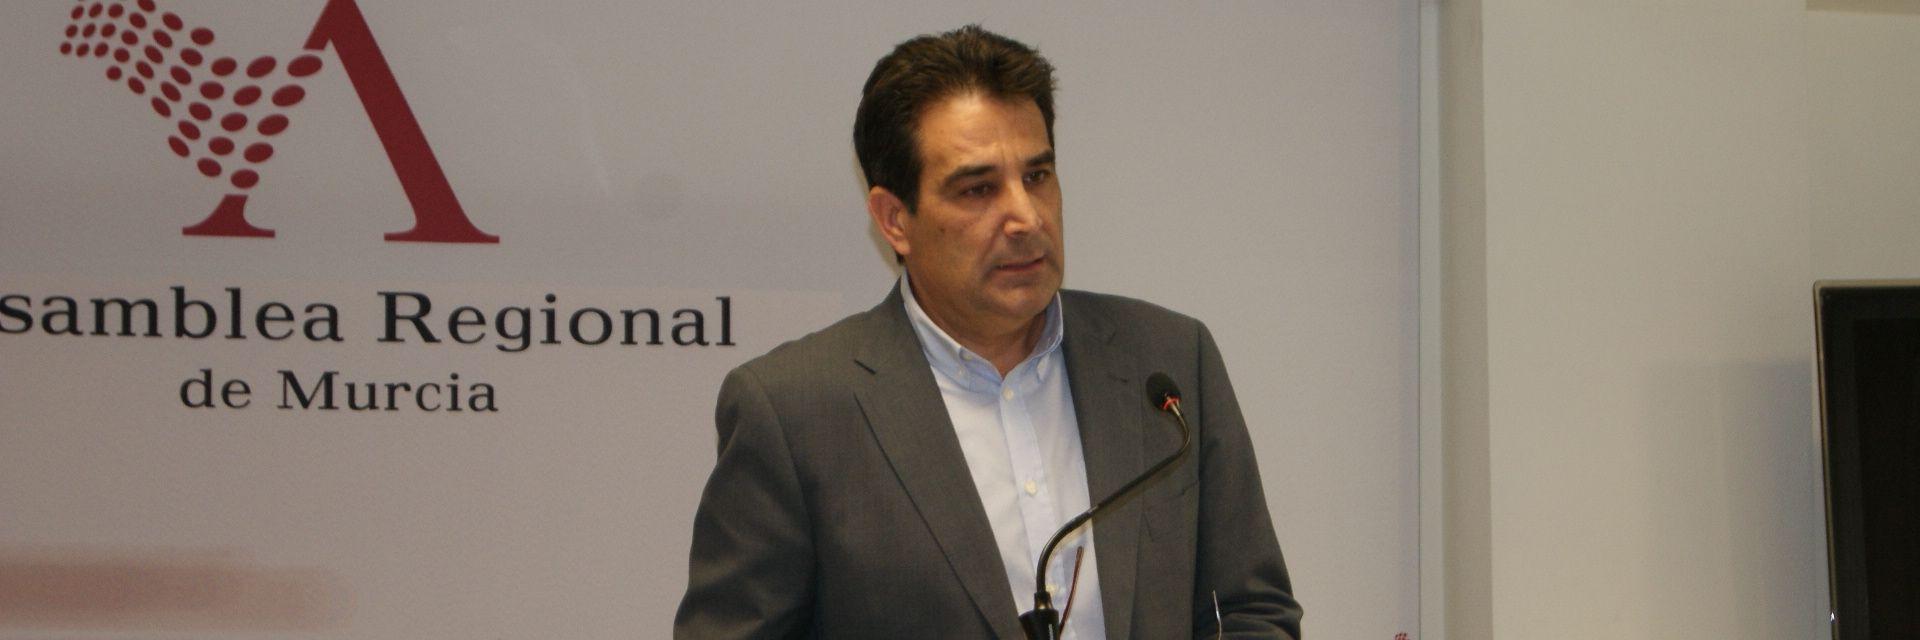 e9aa17df9 El PSOE denuncia demoras inaceptables en los servicios de Atención  Especializada y Primaria en el Área de Salud II en la zona de Mazarrón